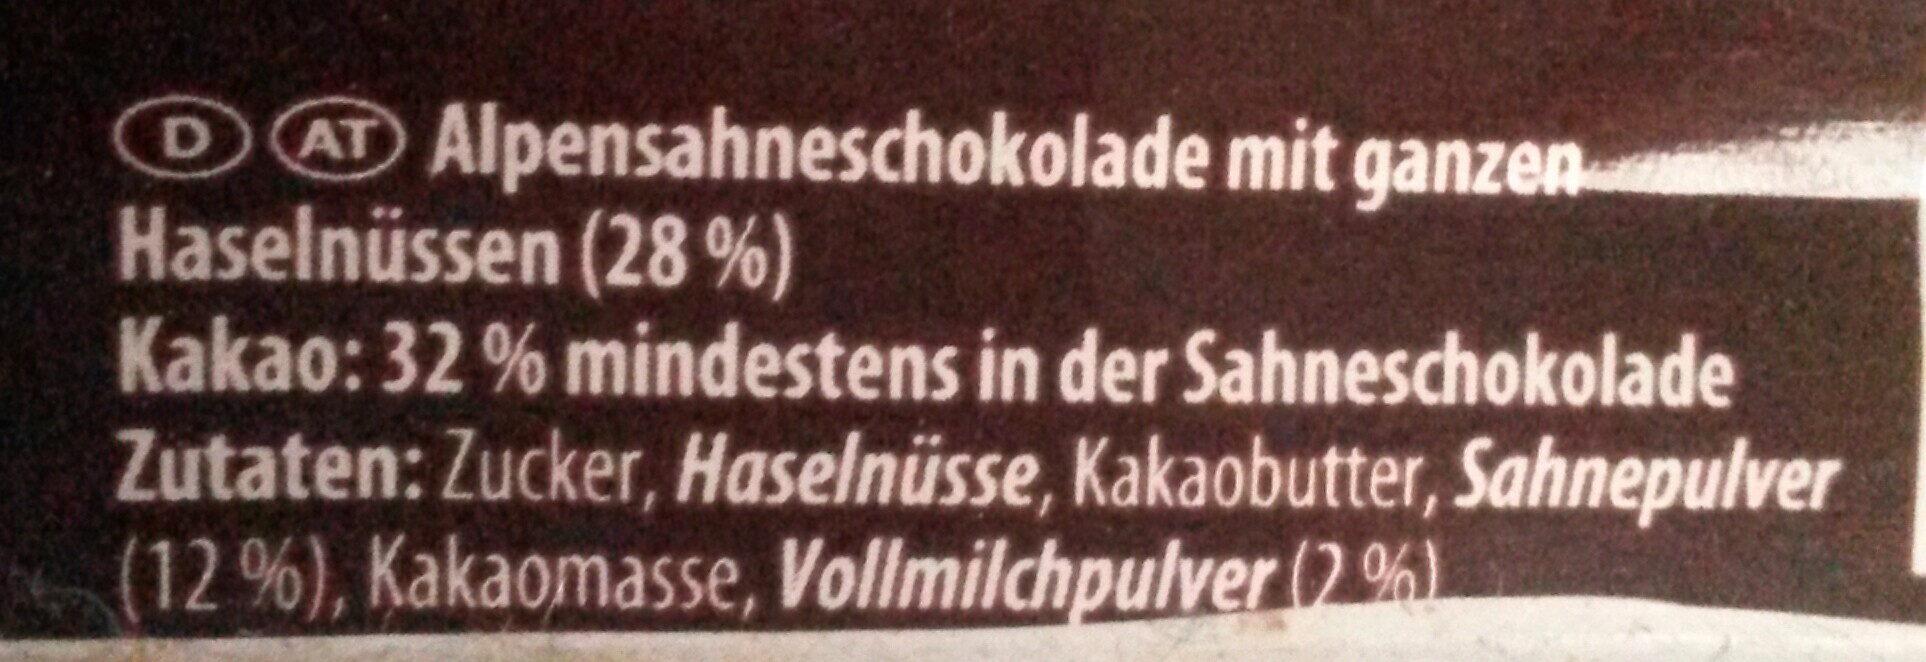 Ganze Haselnuss - Ingredients - de